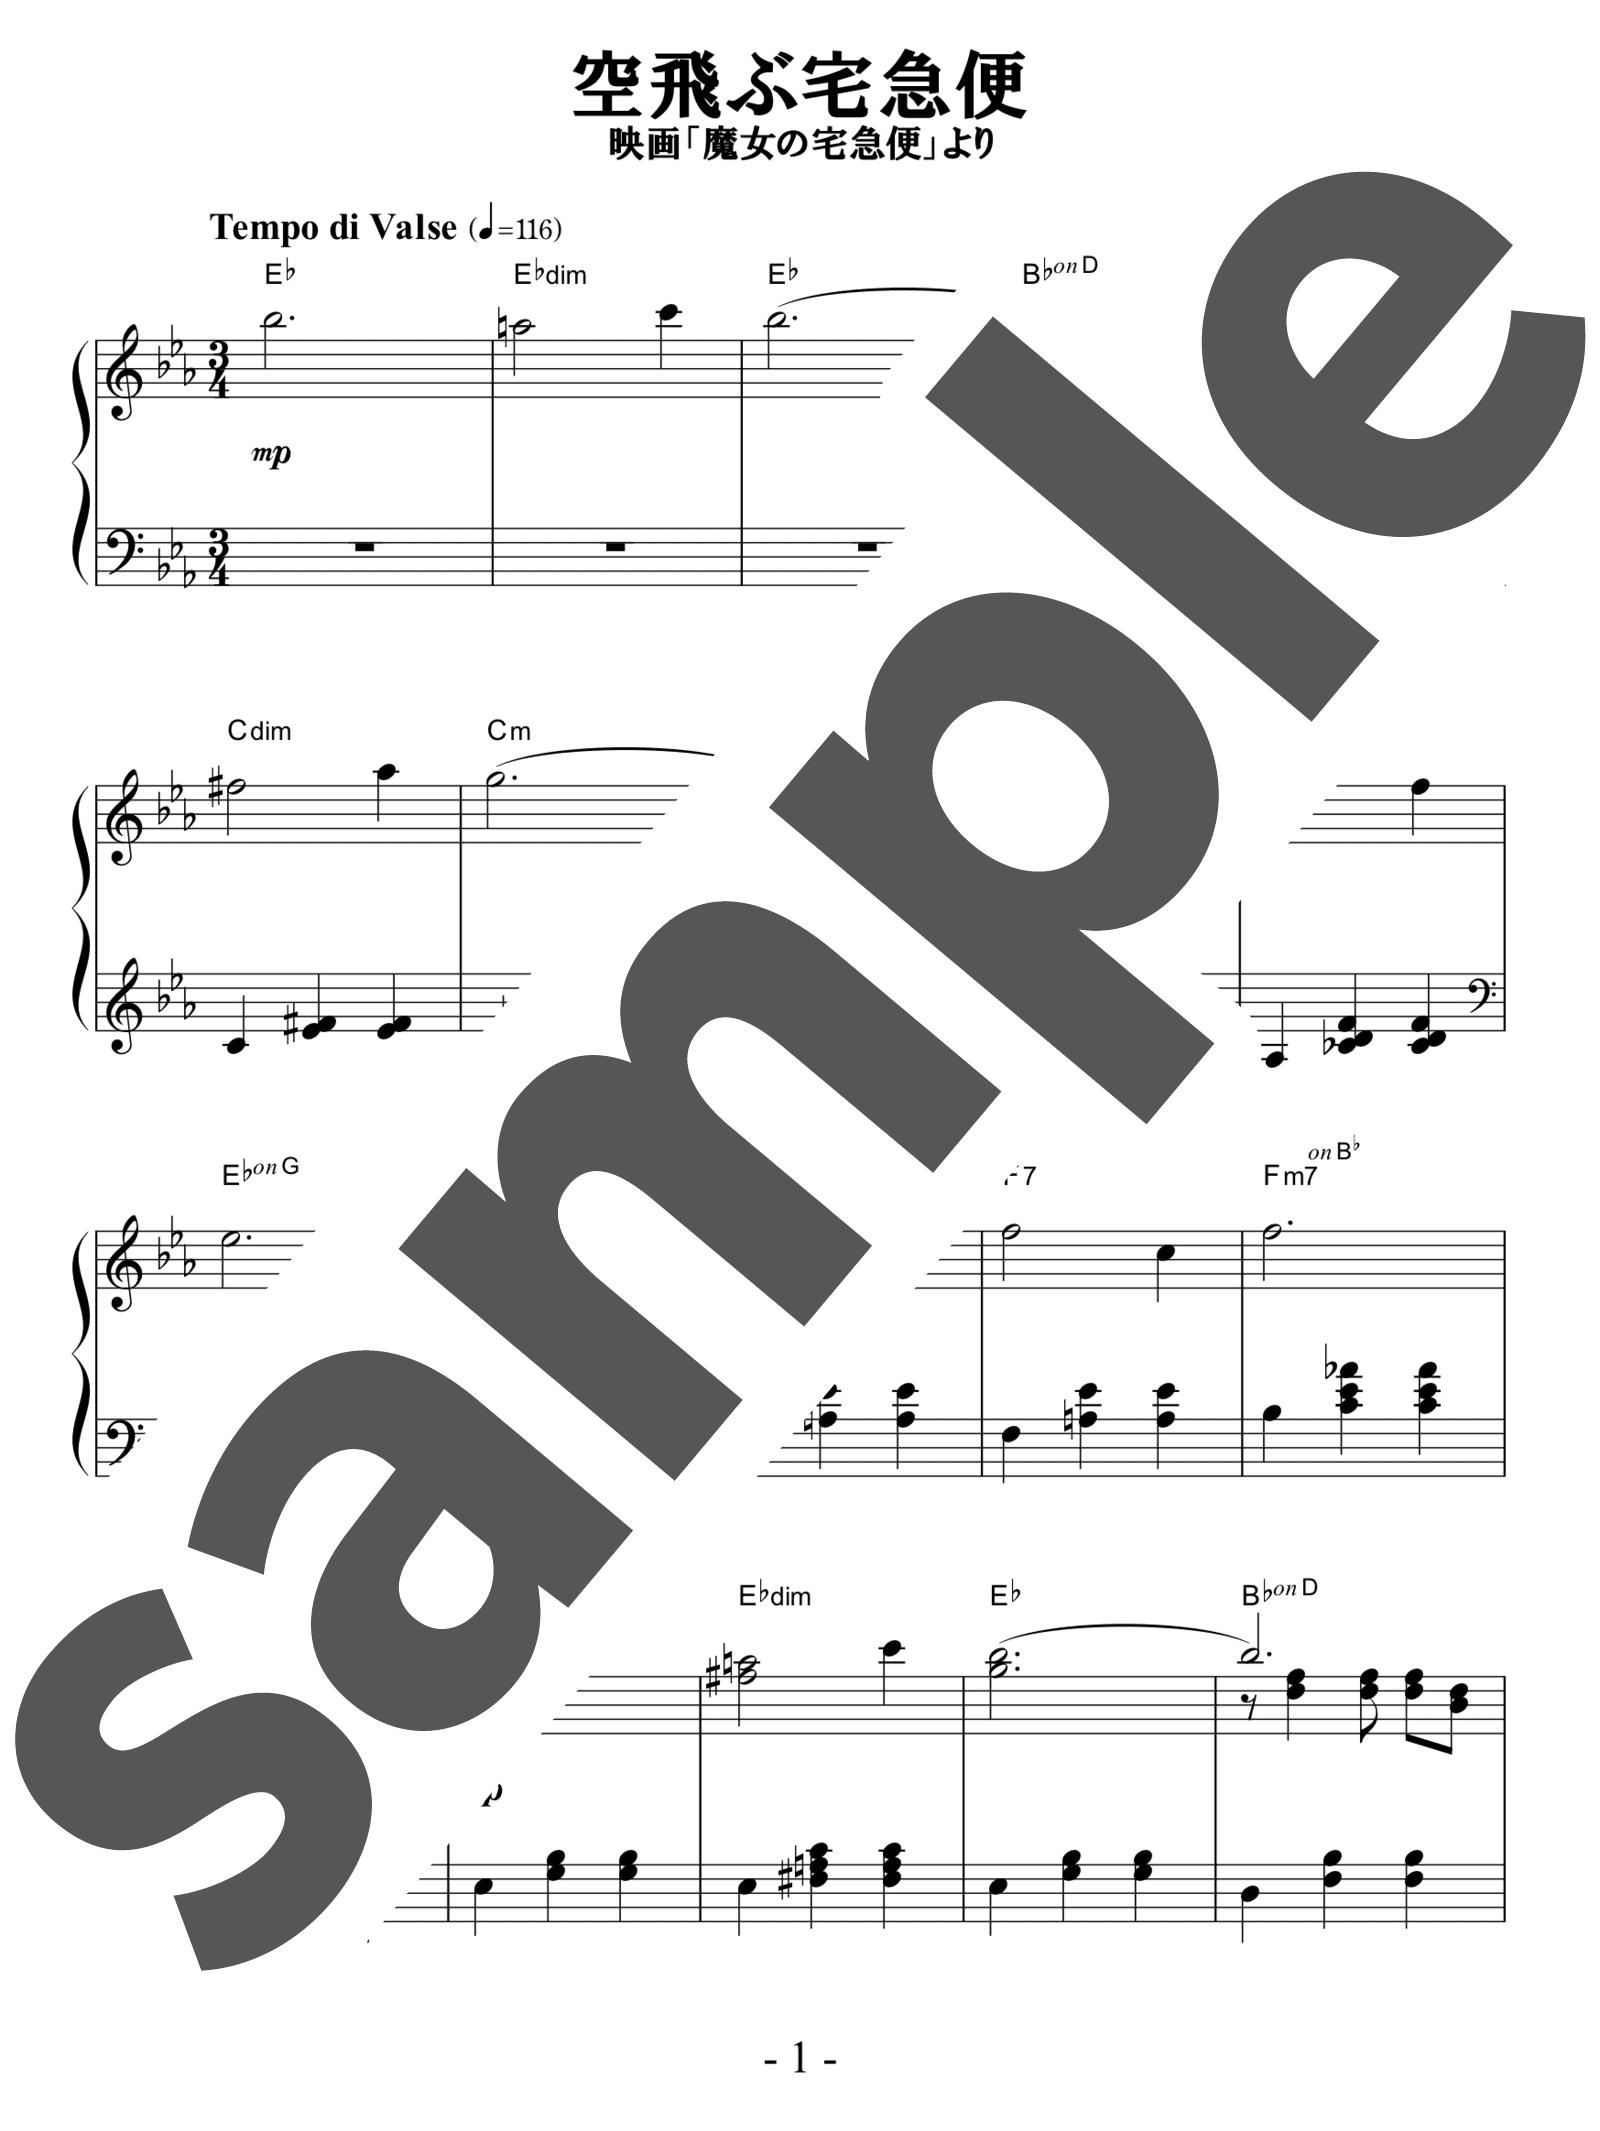 「空とぶ宅急便」のサンプル楽譜